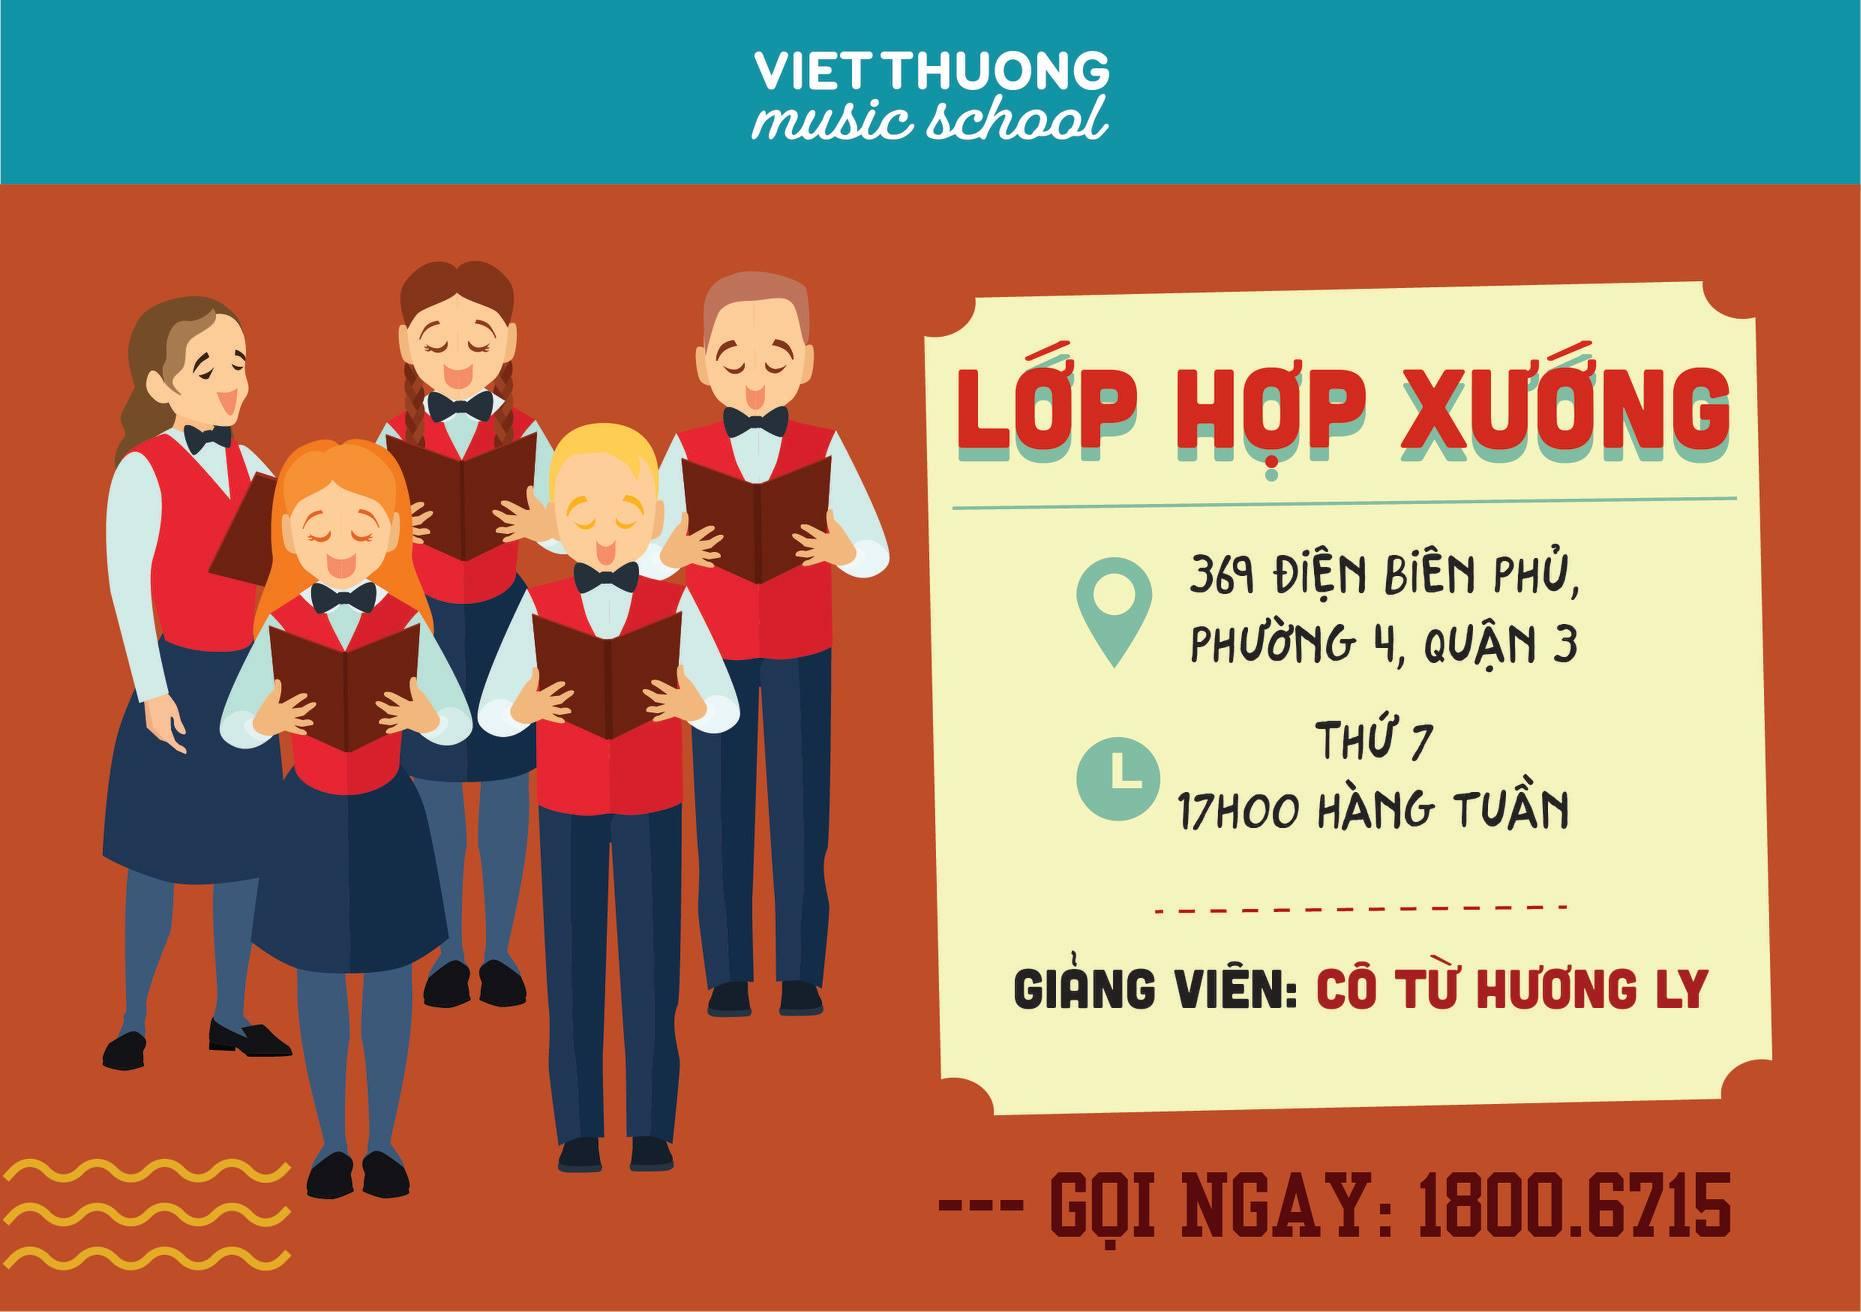 Việt Thương Music tặng 1 tháng học miễn phí lớp hợp xướng